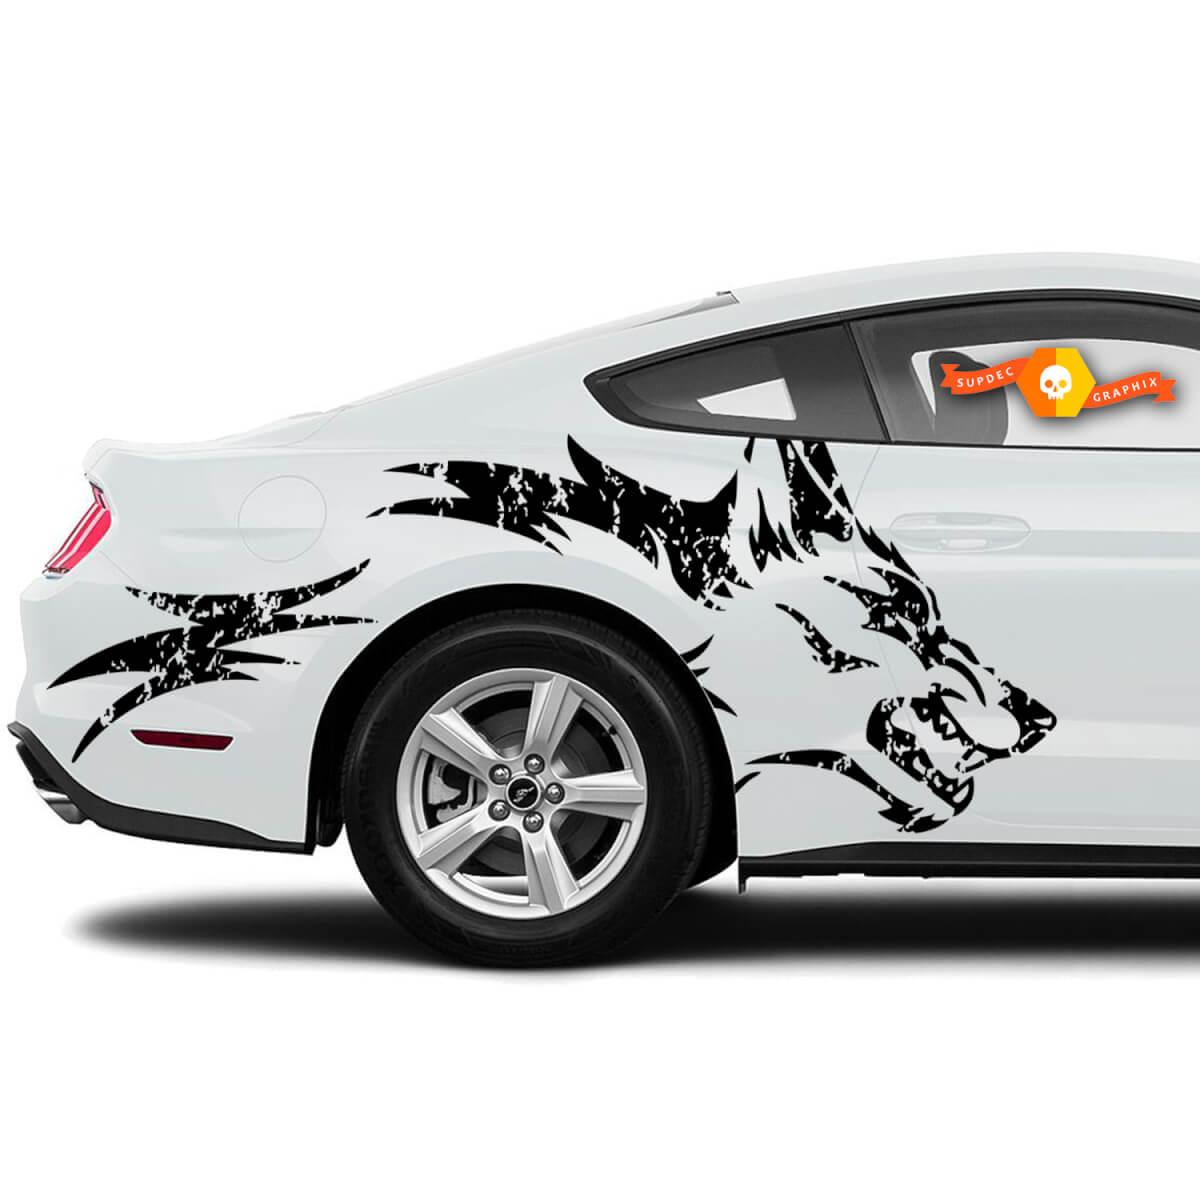 Mustang Ranger Coyote Wolf Distressed Grunge Design Stammestür Bett Seite Pickup Fahrzeug LKW Auto Vinyl Grafik Aufkleber Aufkleber